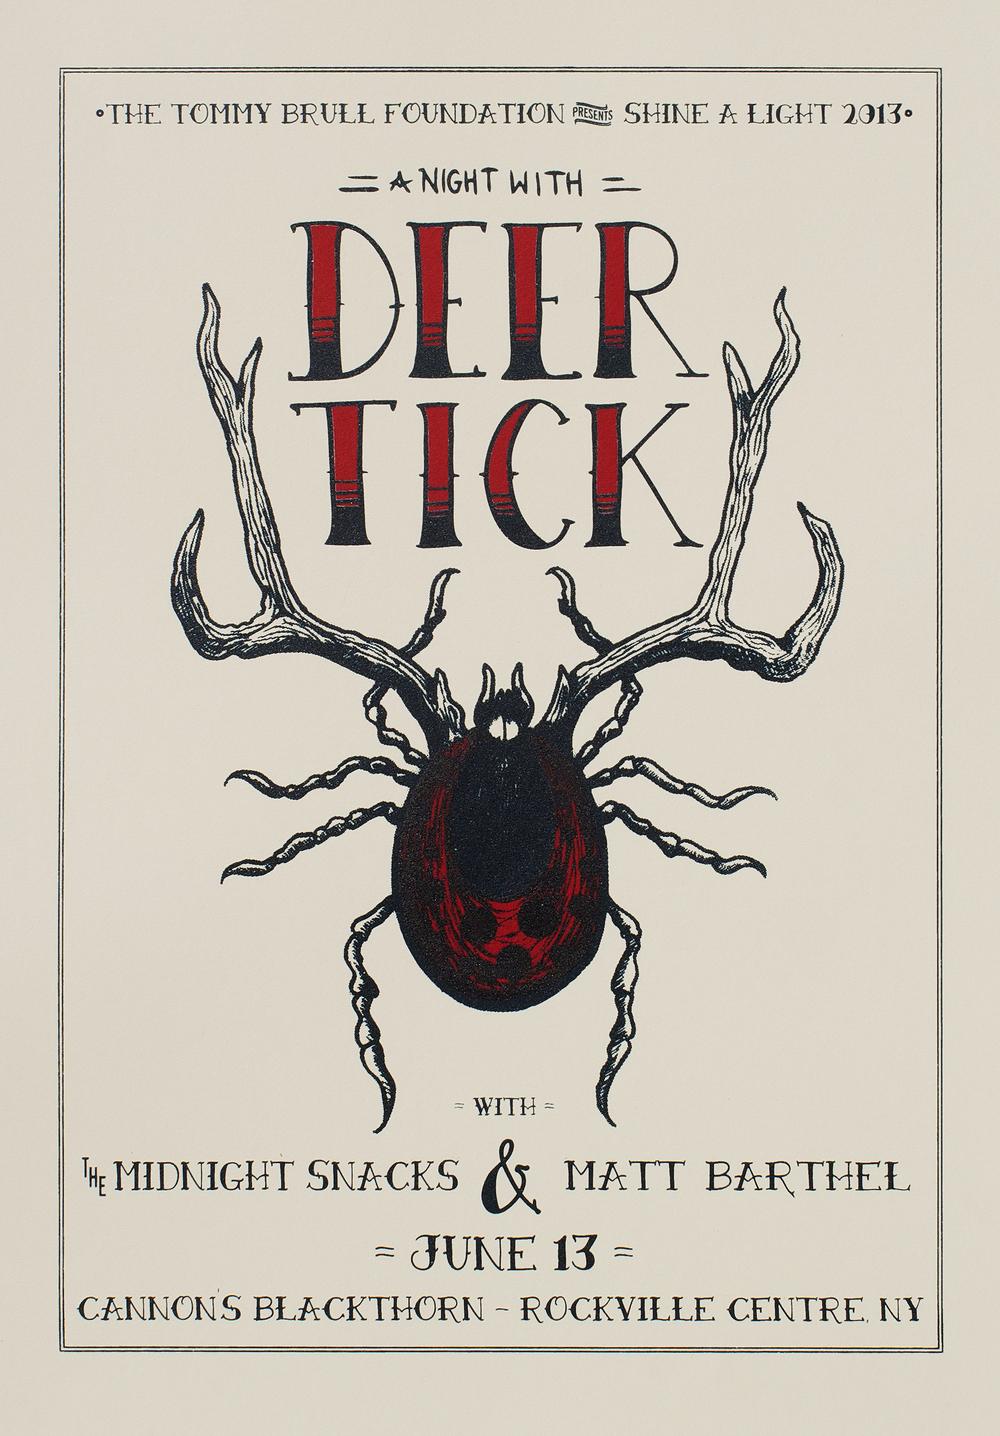 deer_tick_poster.jpg